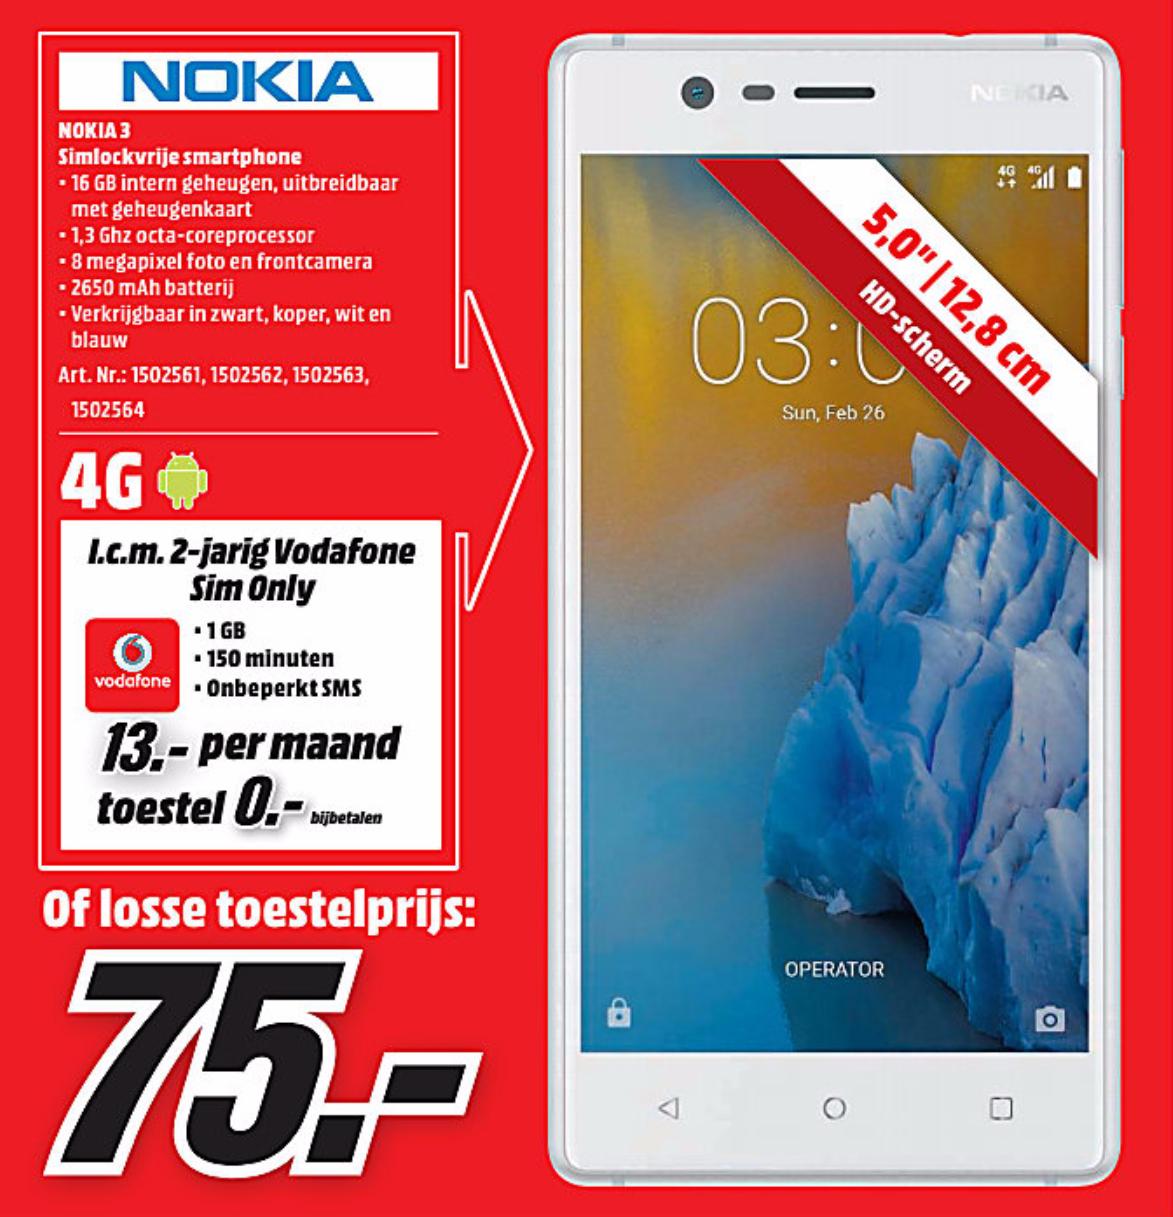 Nokia 3 Smartphone Voor 75 At Media Markt Vanaf Maandag Peppercom